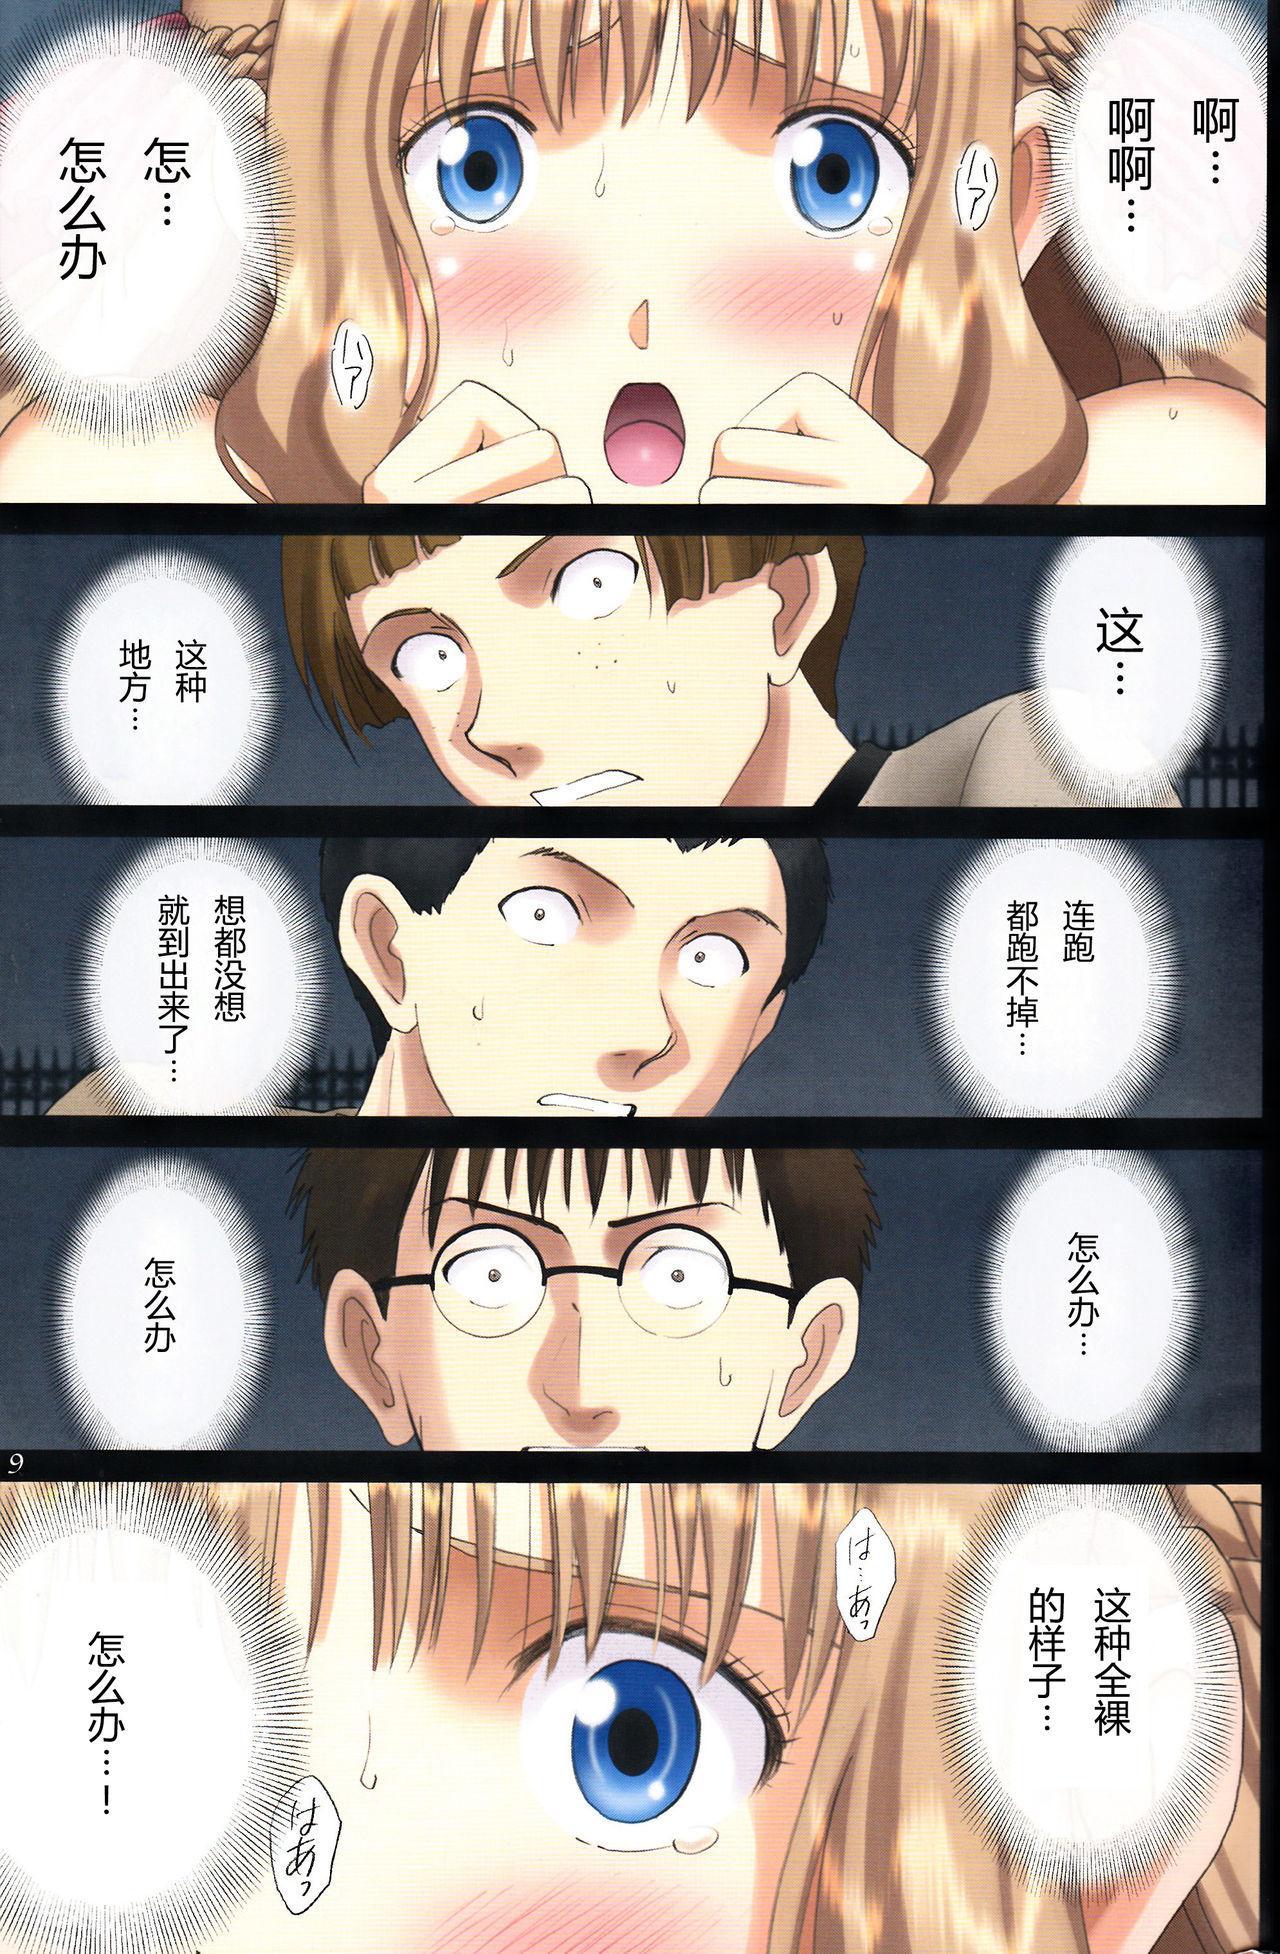 """(C94) [ACTIVA (SMAC)] Roshutsu Otome Fantasy """" Oujo wa inbina mi rare makuri ~Yunaria Fon Vitoria ~ FINAL"""" [Chinese] [靴下汉化组] 9"""